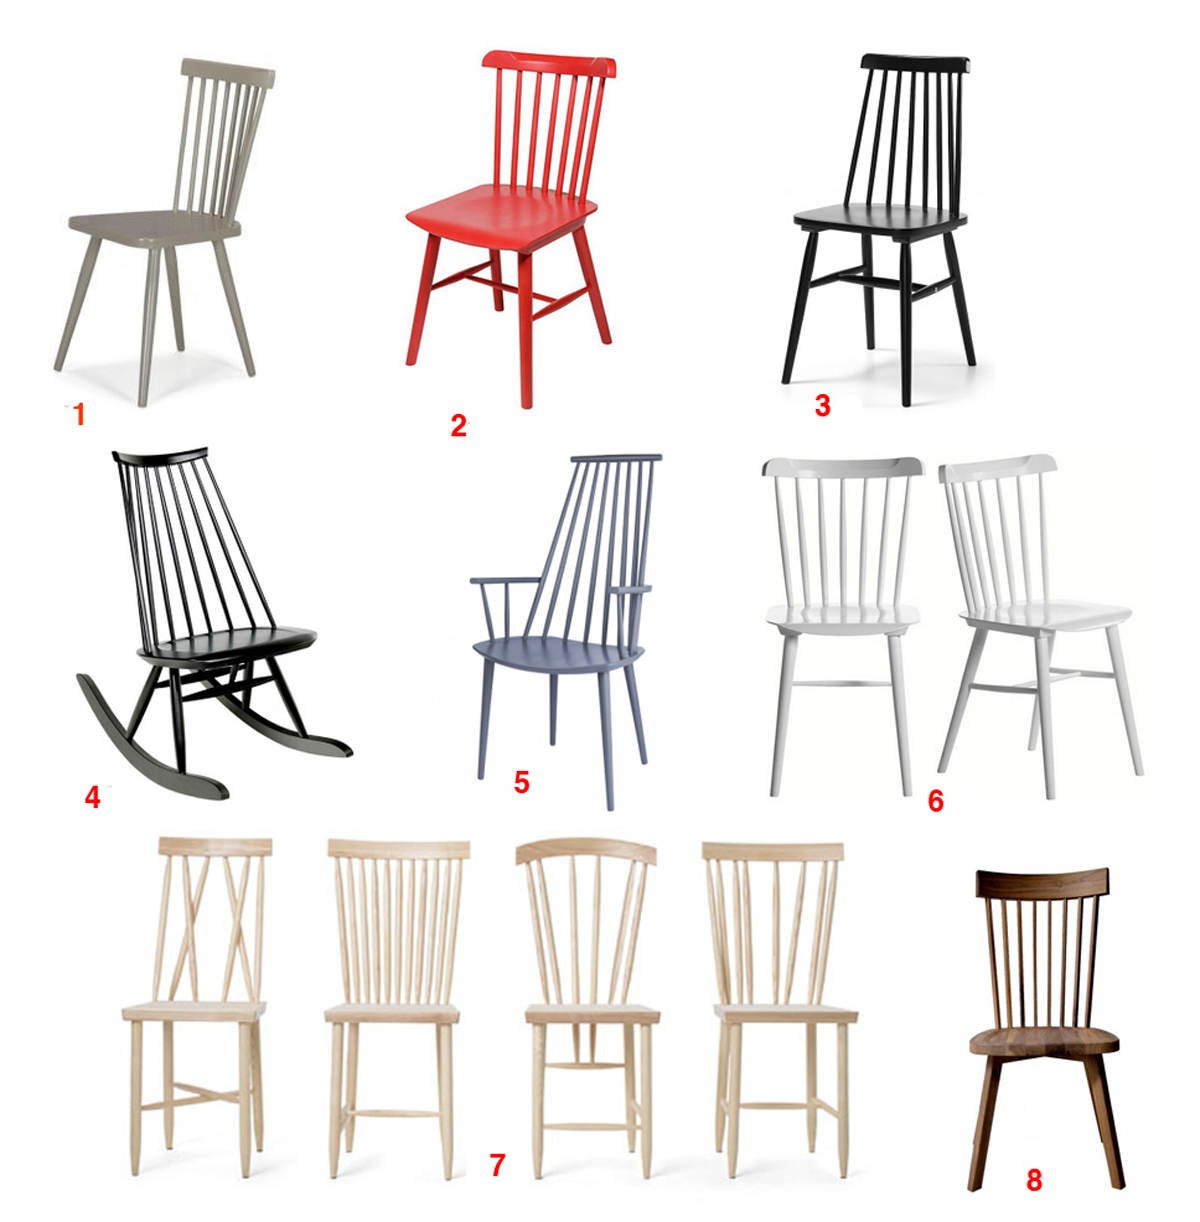 Une chaise barreaux tout prix diagnostic d co - Prix pour rempailler une chaise ...